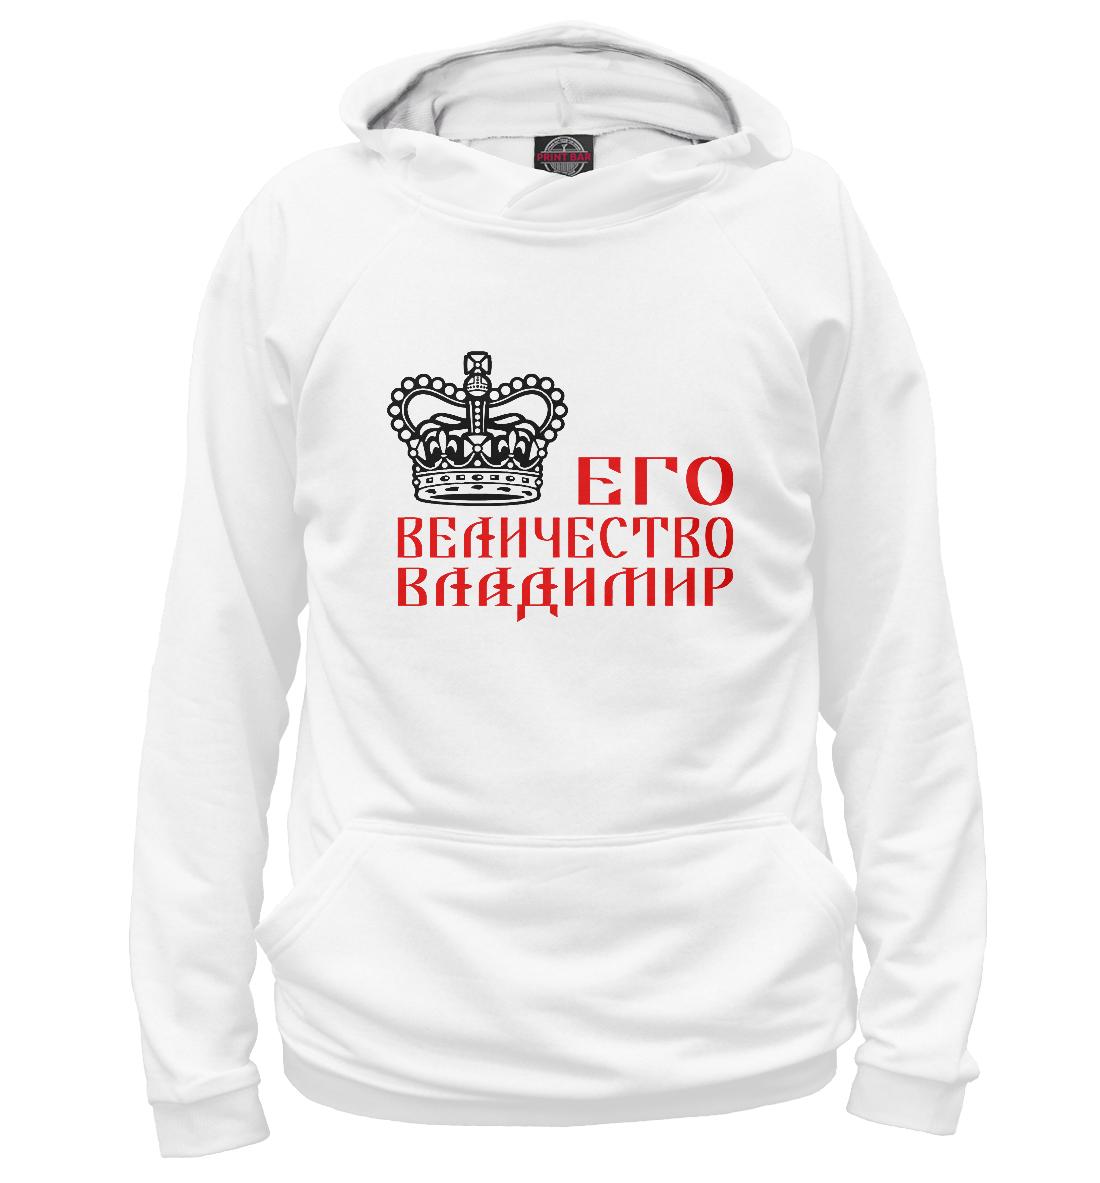 Купить Владимир, Printbar, Худи, IMR-866153-hud-1